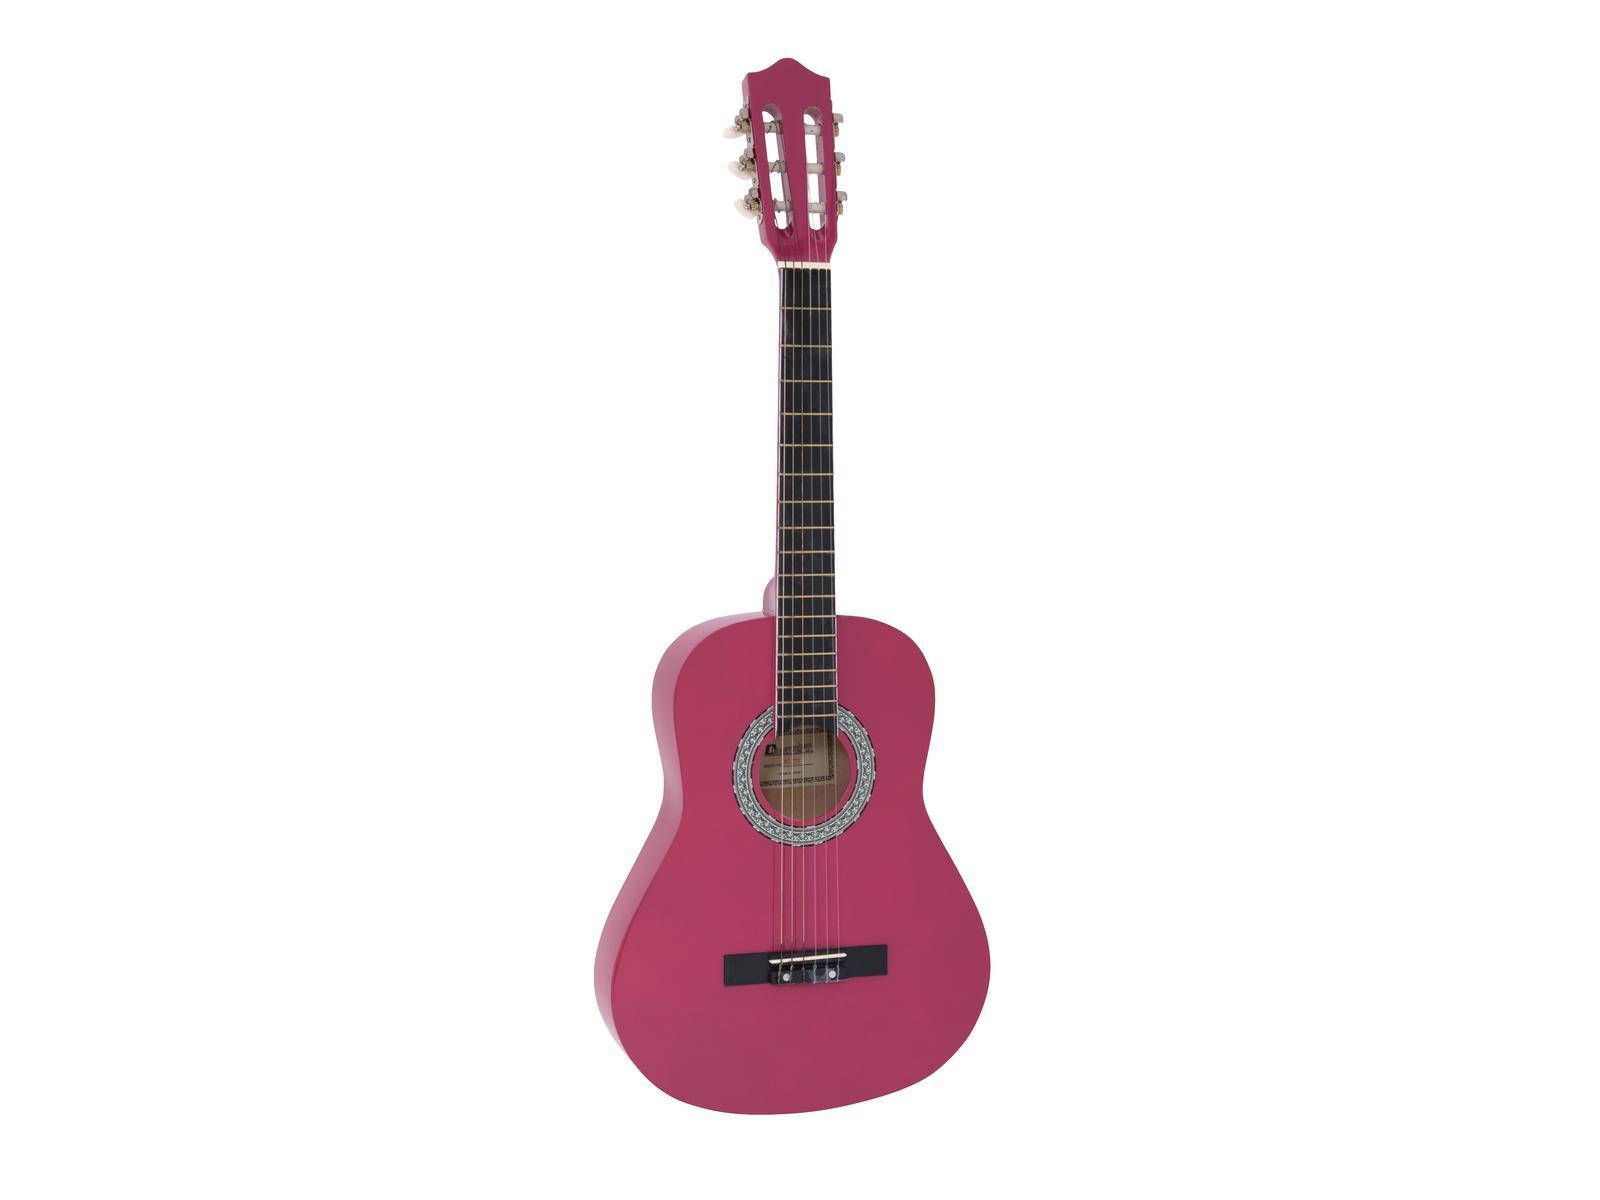 Dimavery AC-303 klasická kytara 3/4, růžová